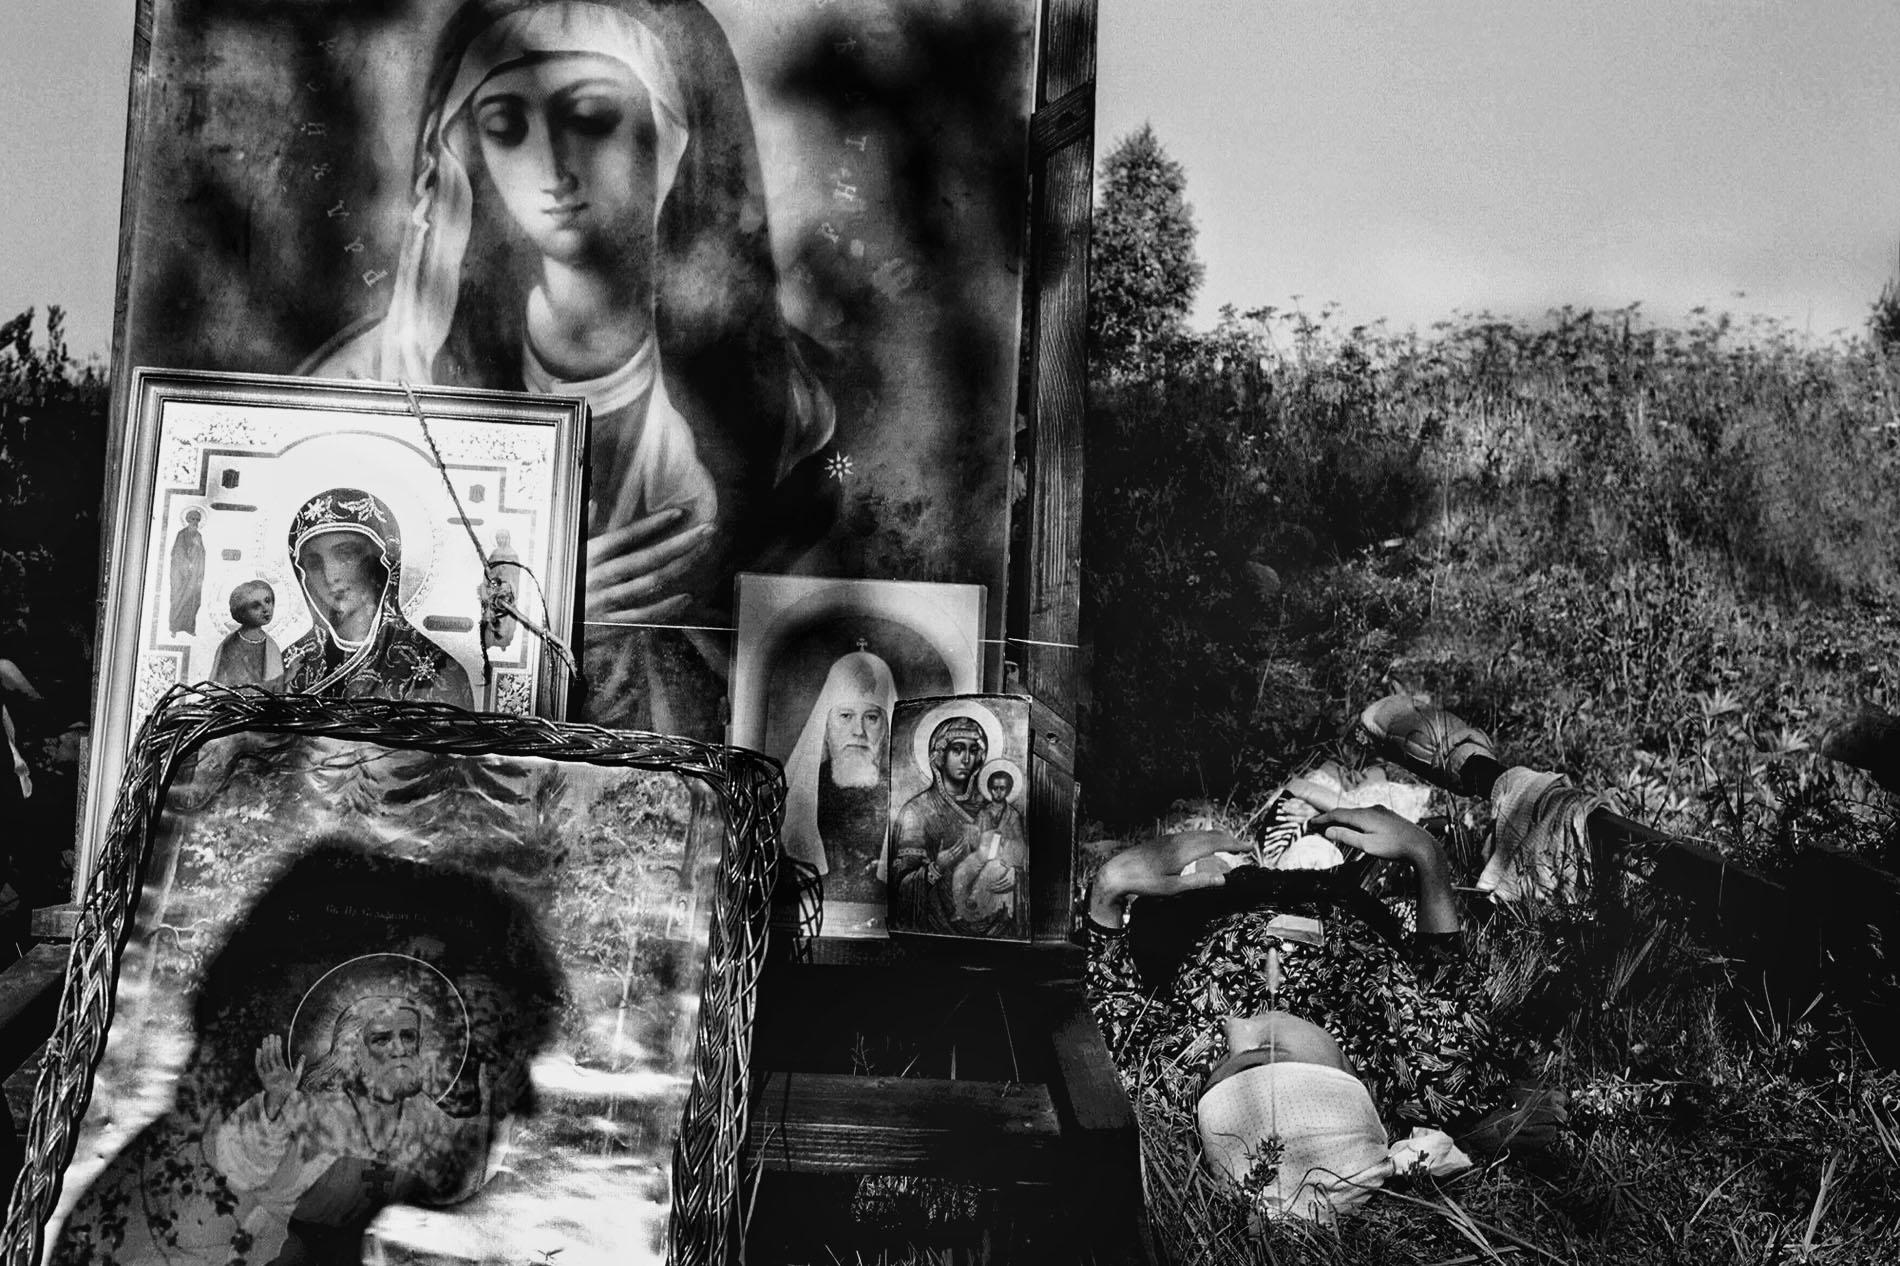 Будете молиться за Россию - просите здравомыслия. Фото Олега Климова, PREGEL.INFO